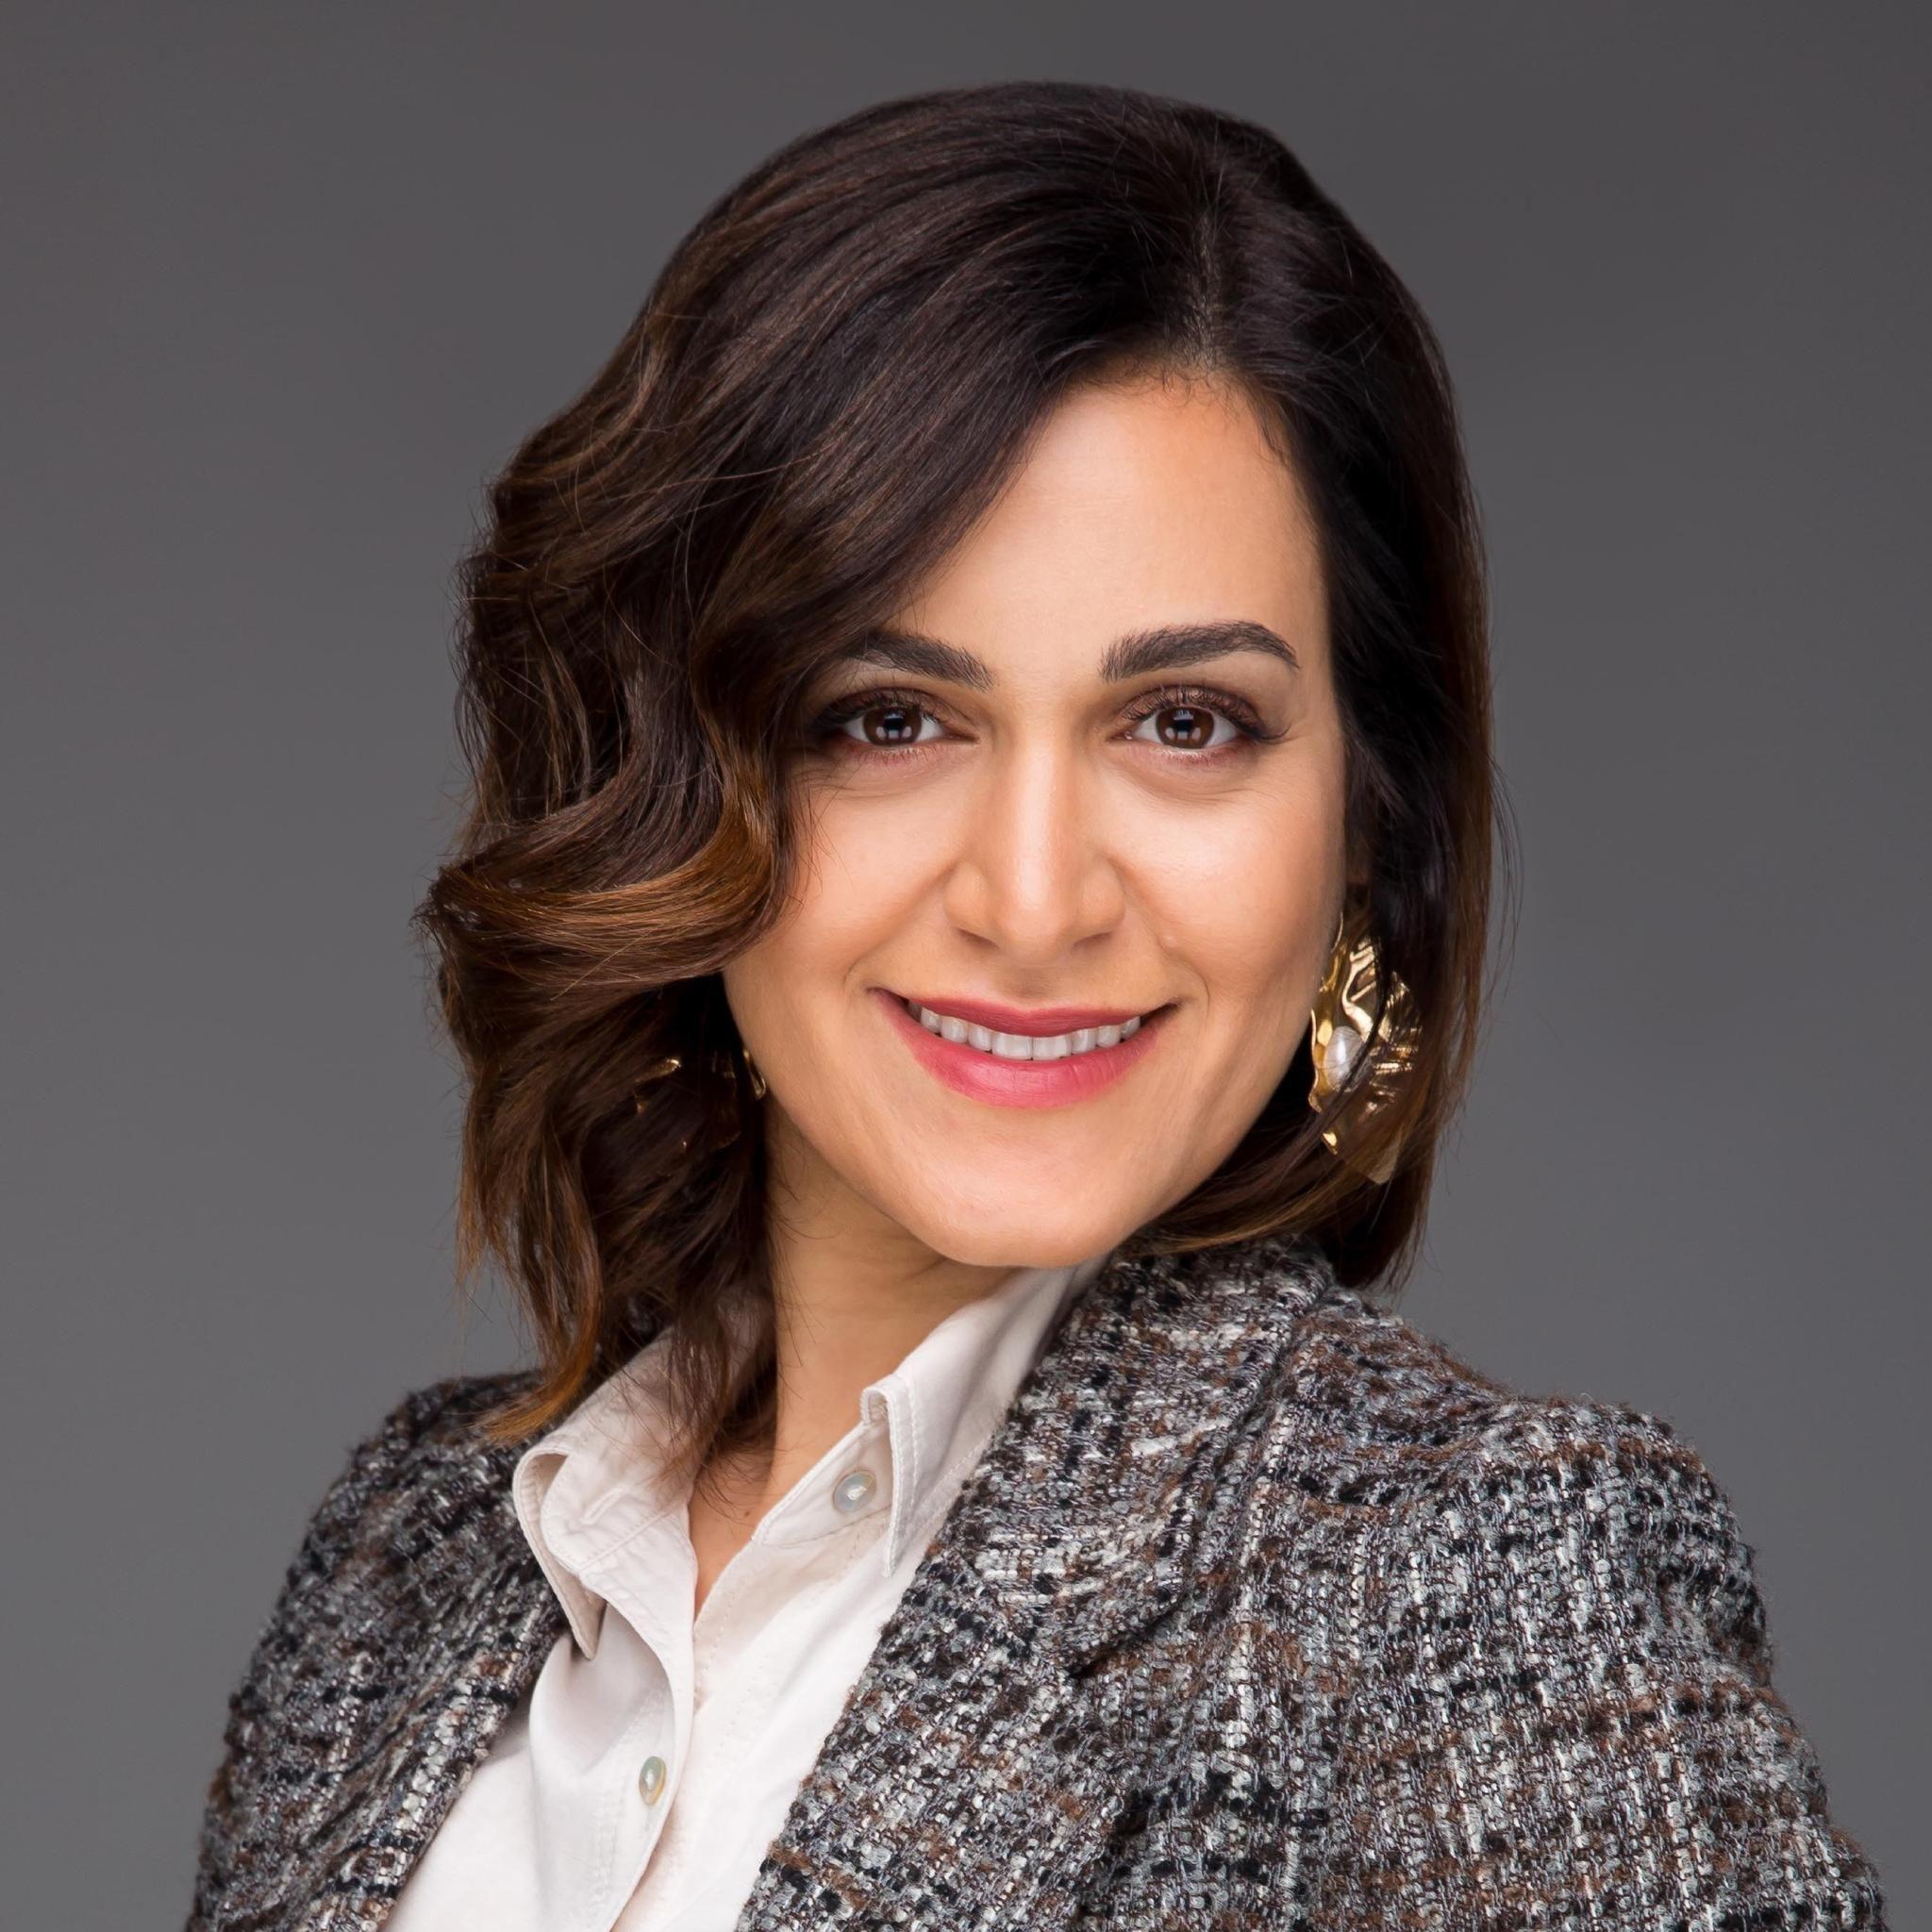 Sarah Btaddini